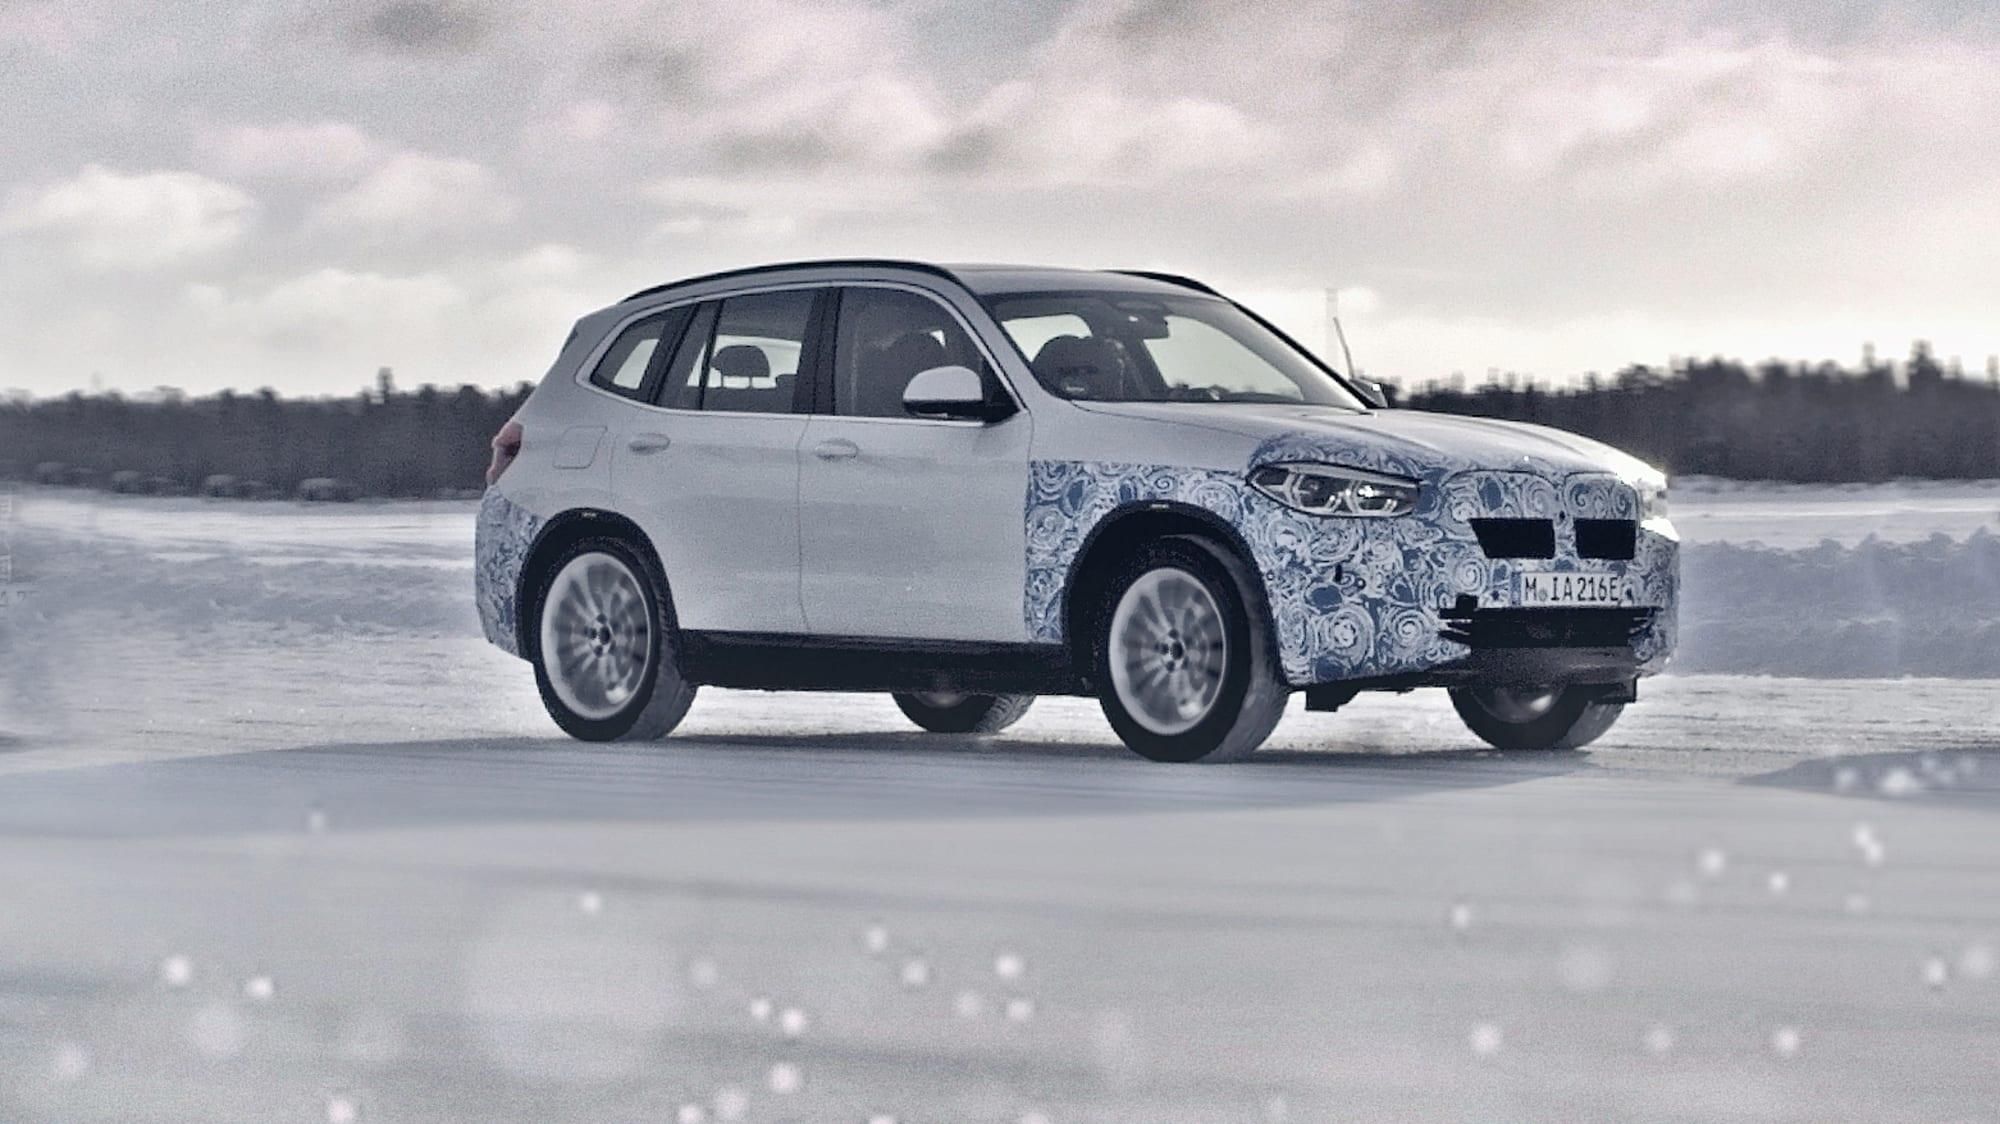 BMW iX3 Elektro-SUV: Batterie, Daten, Reichweite | ADAC